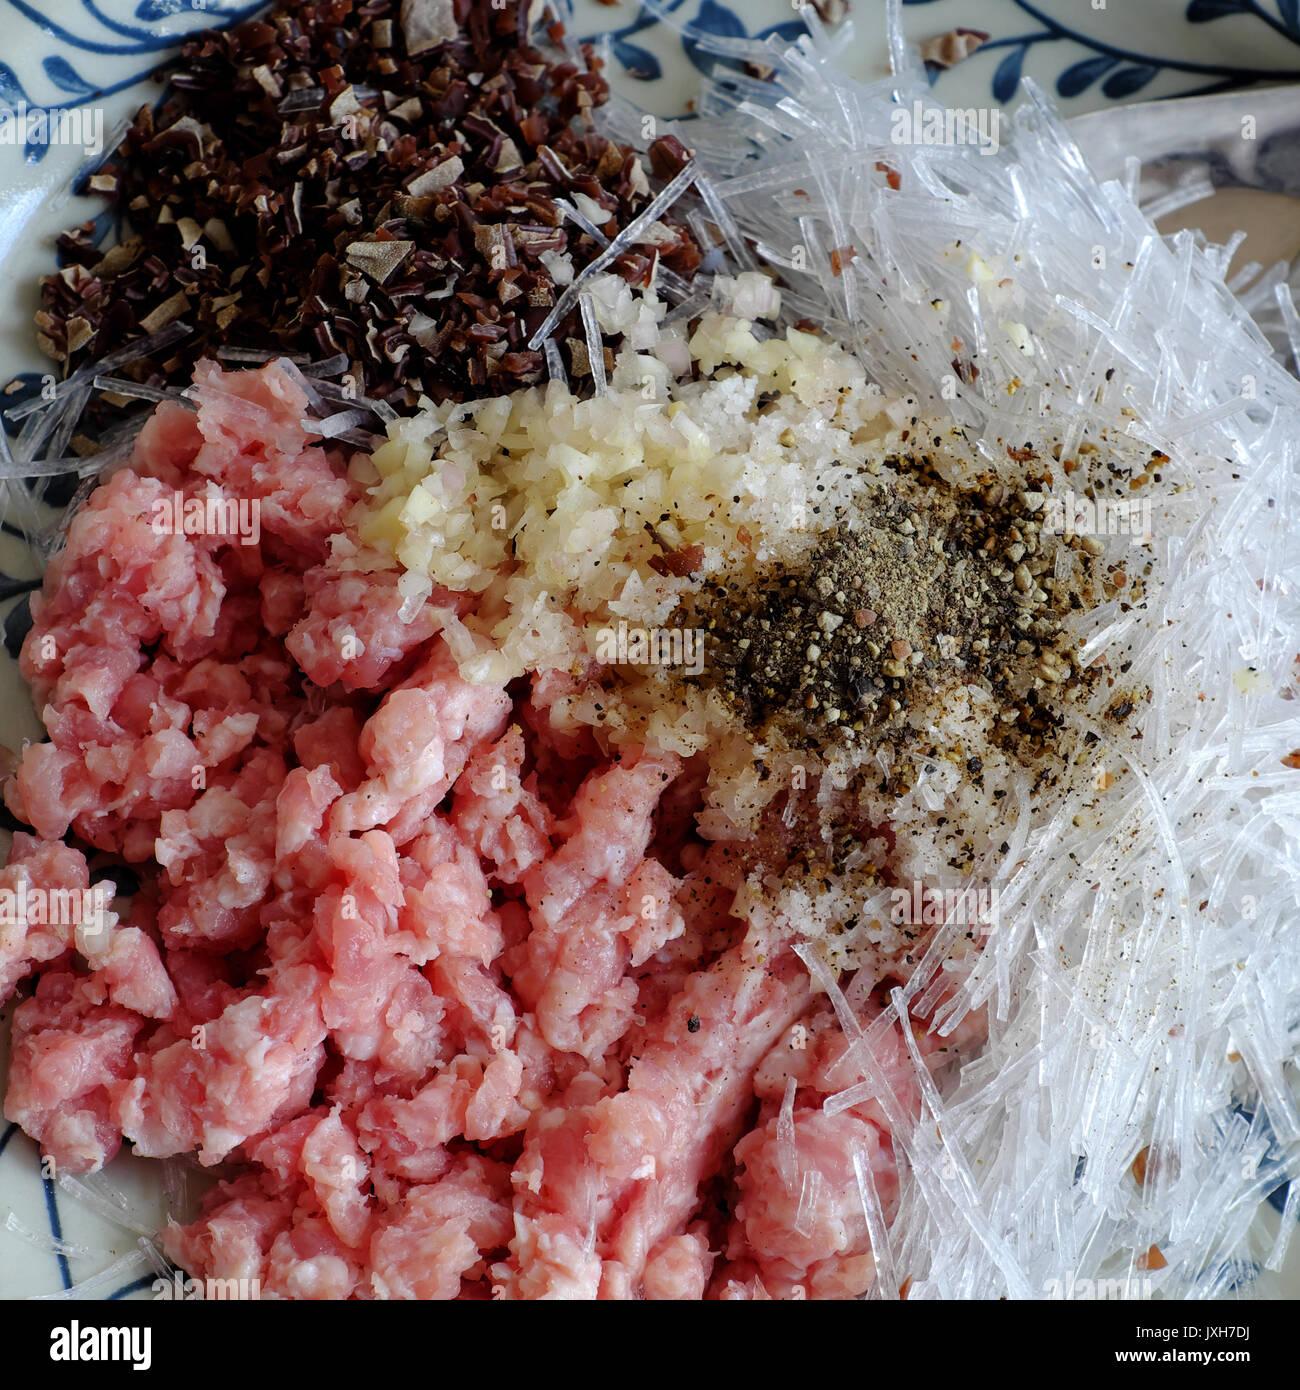 Rohstoff Für Vietnamesische Eierbrötchen Oder Frühlingsrollen Oder Cha Gio,  Ist Beliebt Essen In Vietnam Küche, Füllung Aus Fleisch Und Wrapper Von  Reis ...